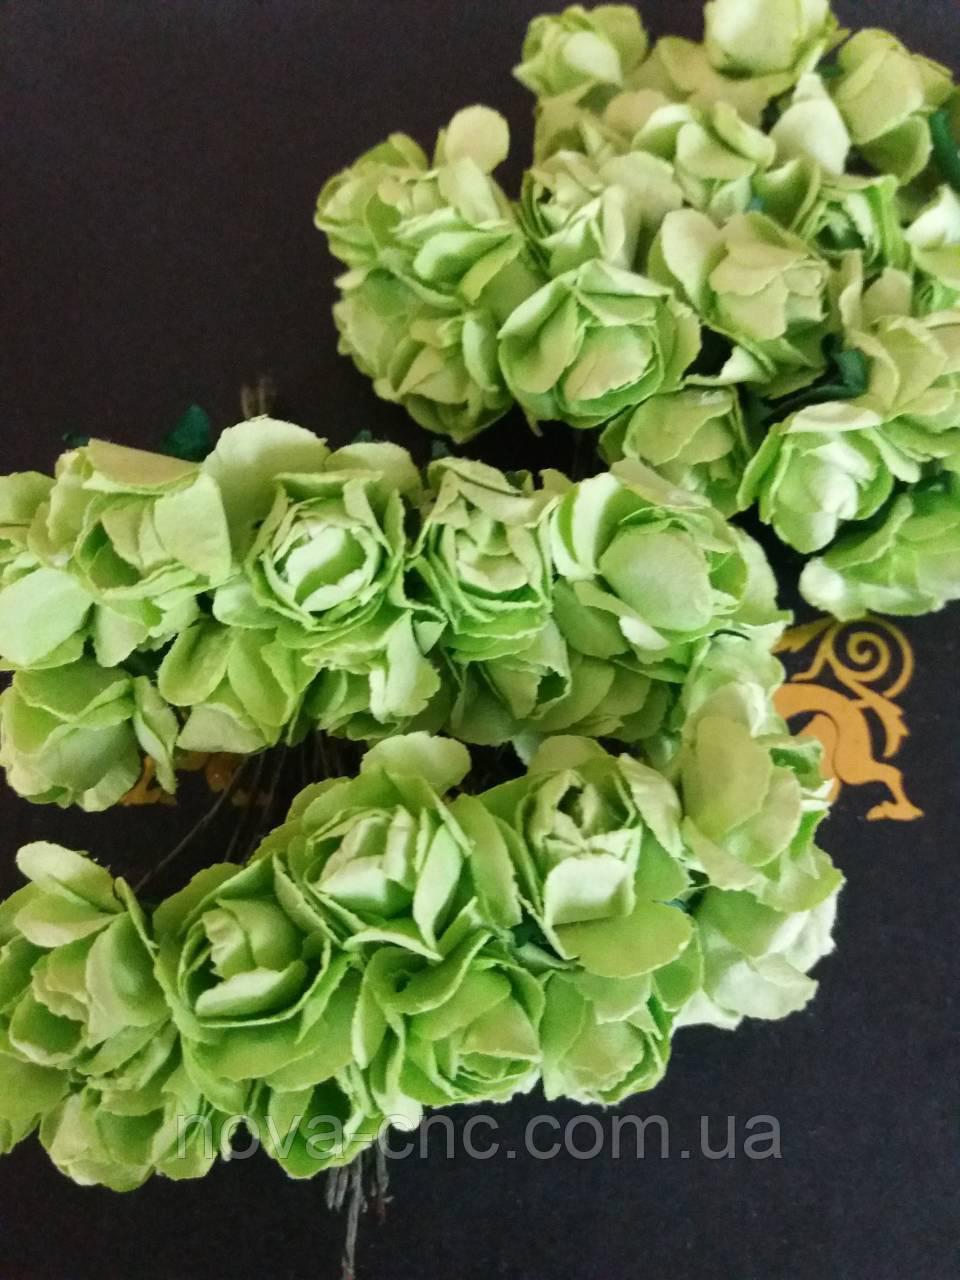 Декоративні квіти паперові, салатові 1 пачка 12 пучків